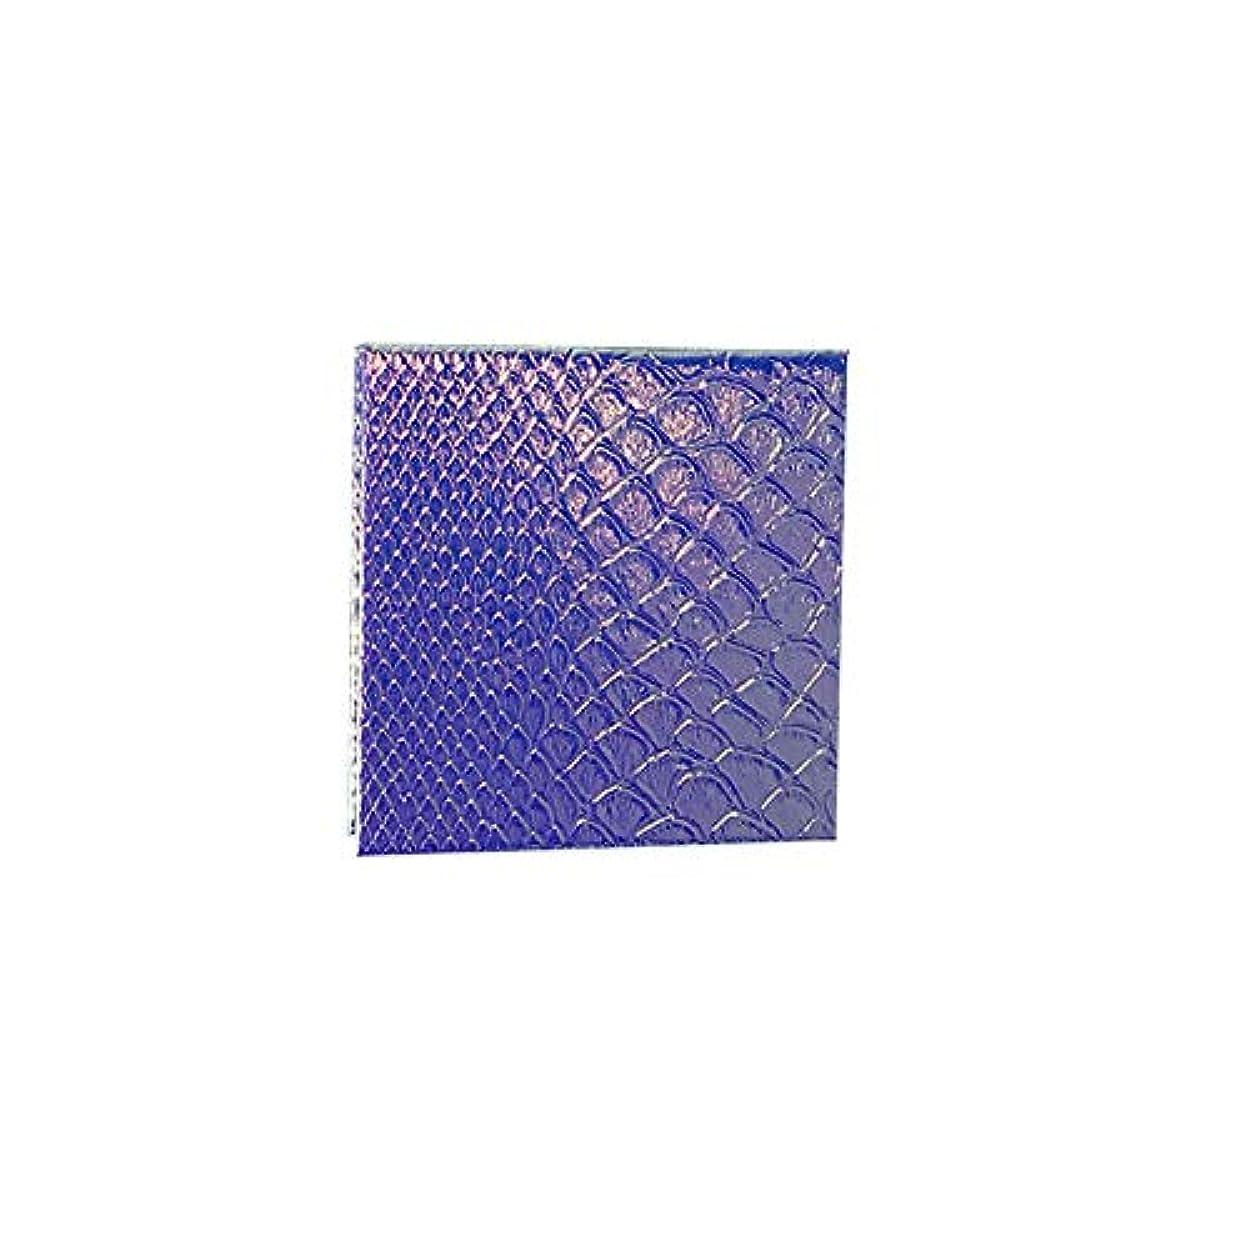 豊富高潔な言い訳空の化粧アイシャドーパレット磁気空パレット接着剤空のパレット金属ステッカー空のパレットキット(S)